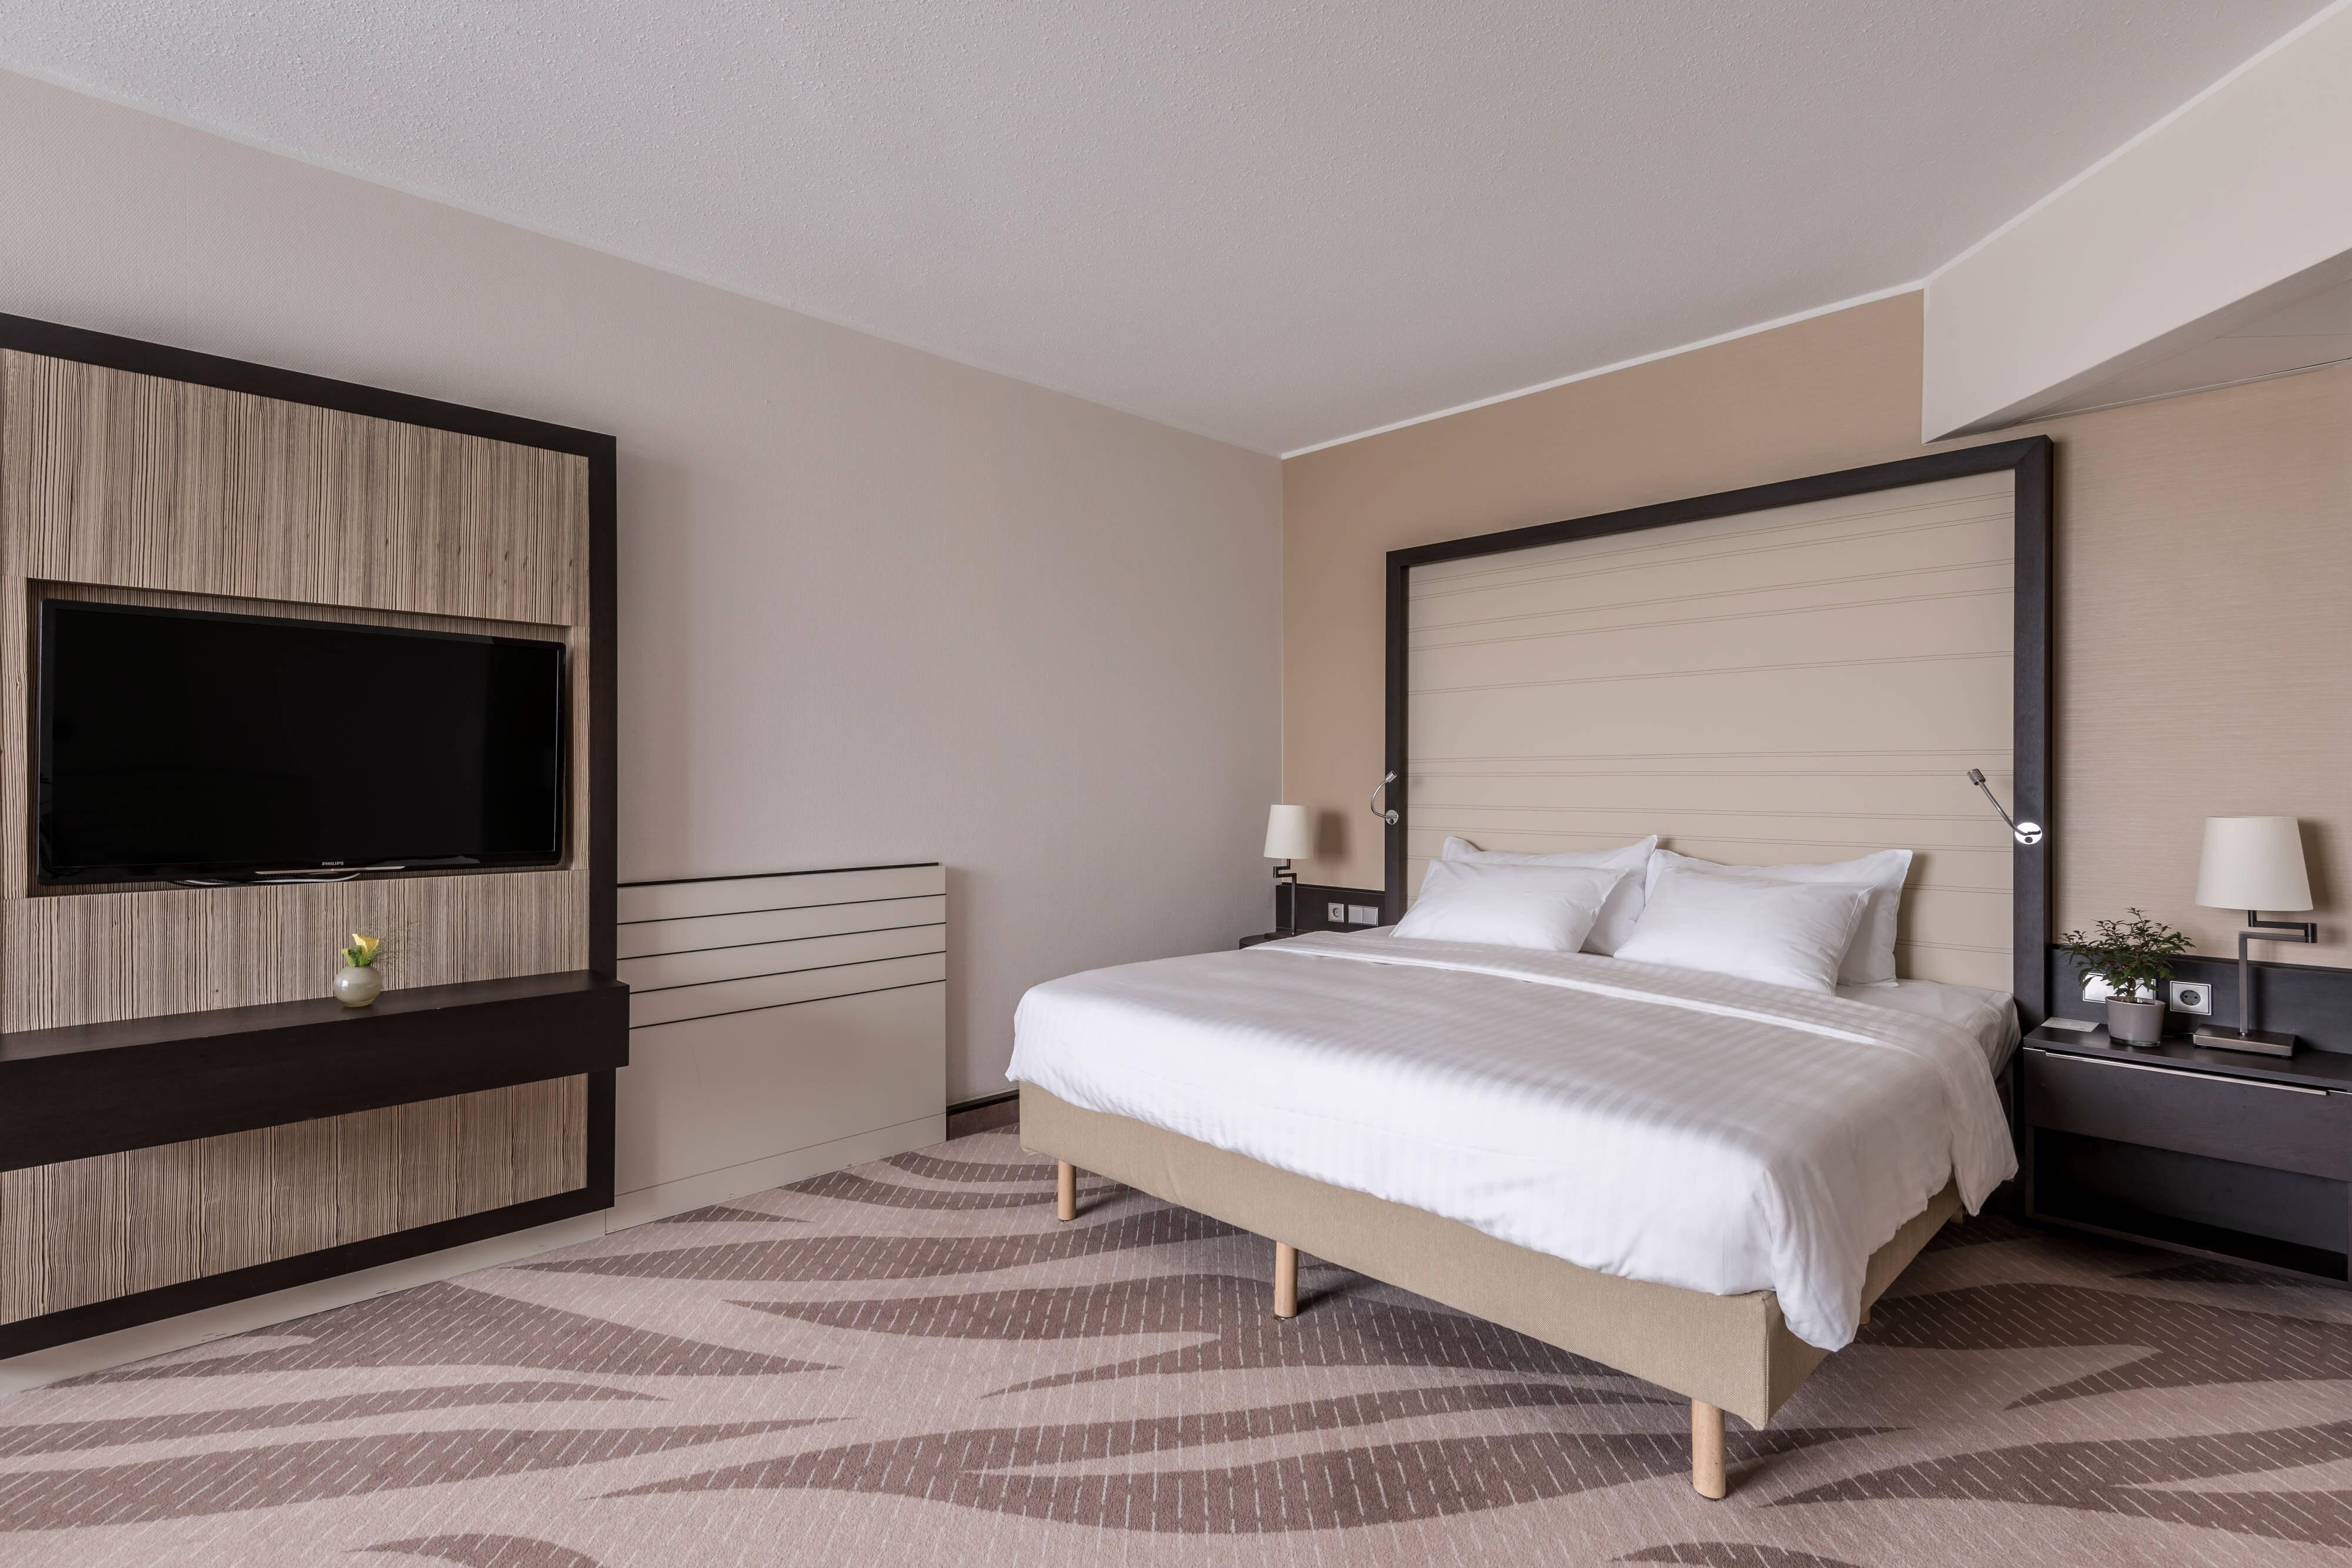 Chambre supérieure avec lit queen size